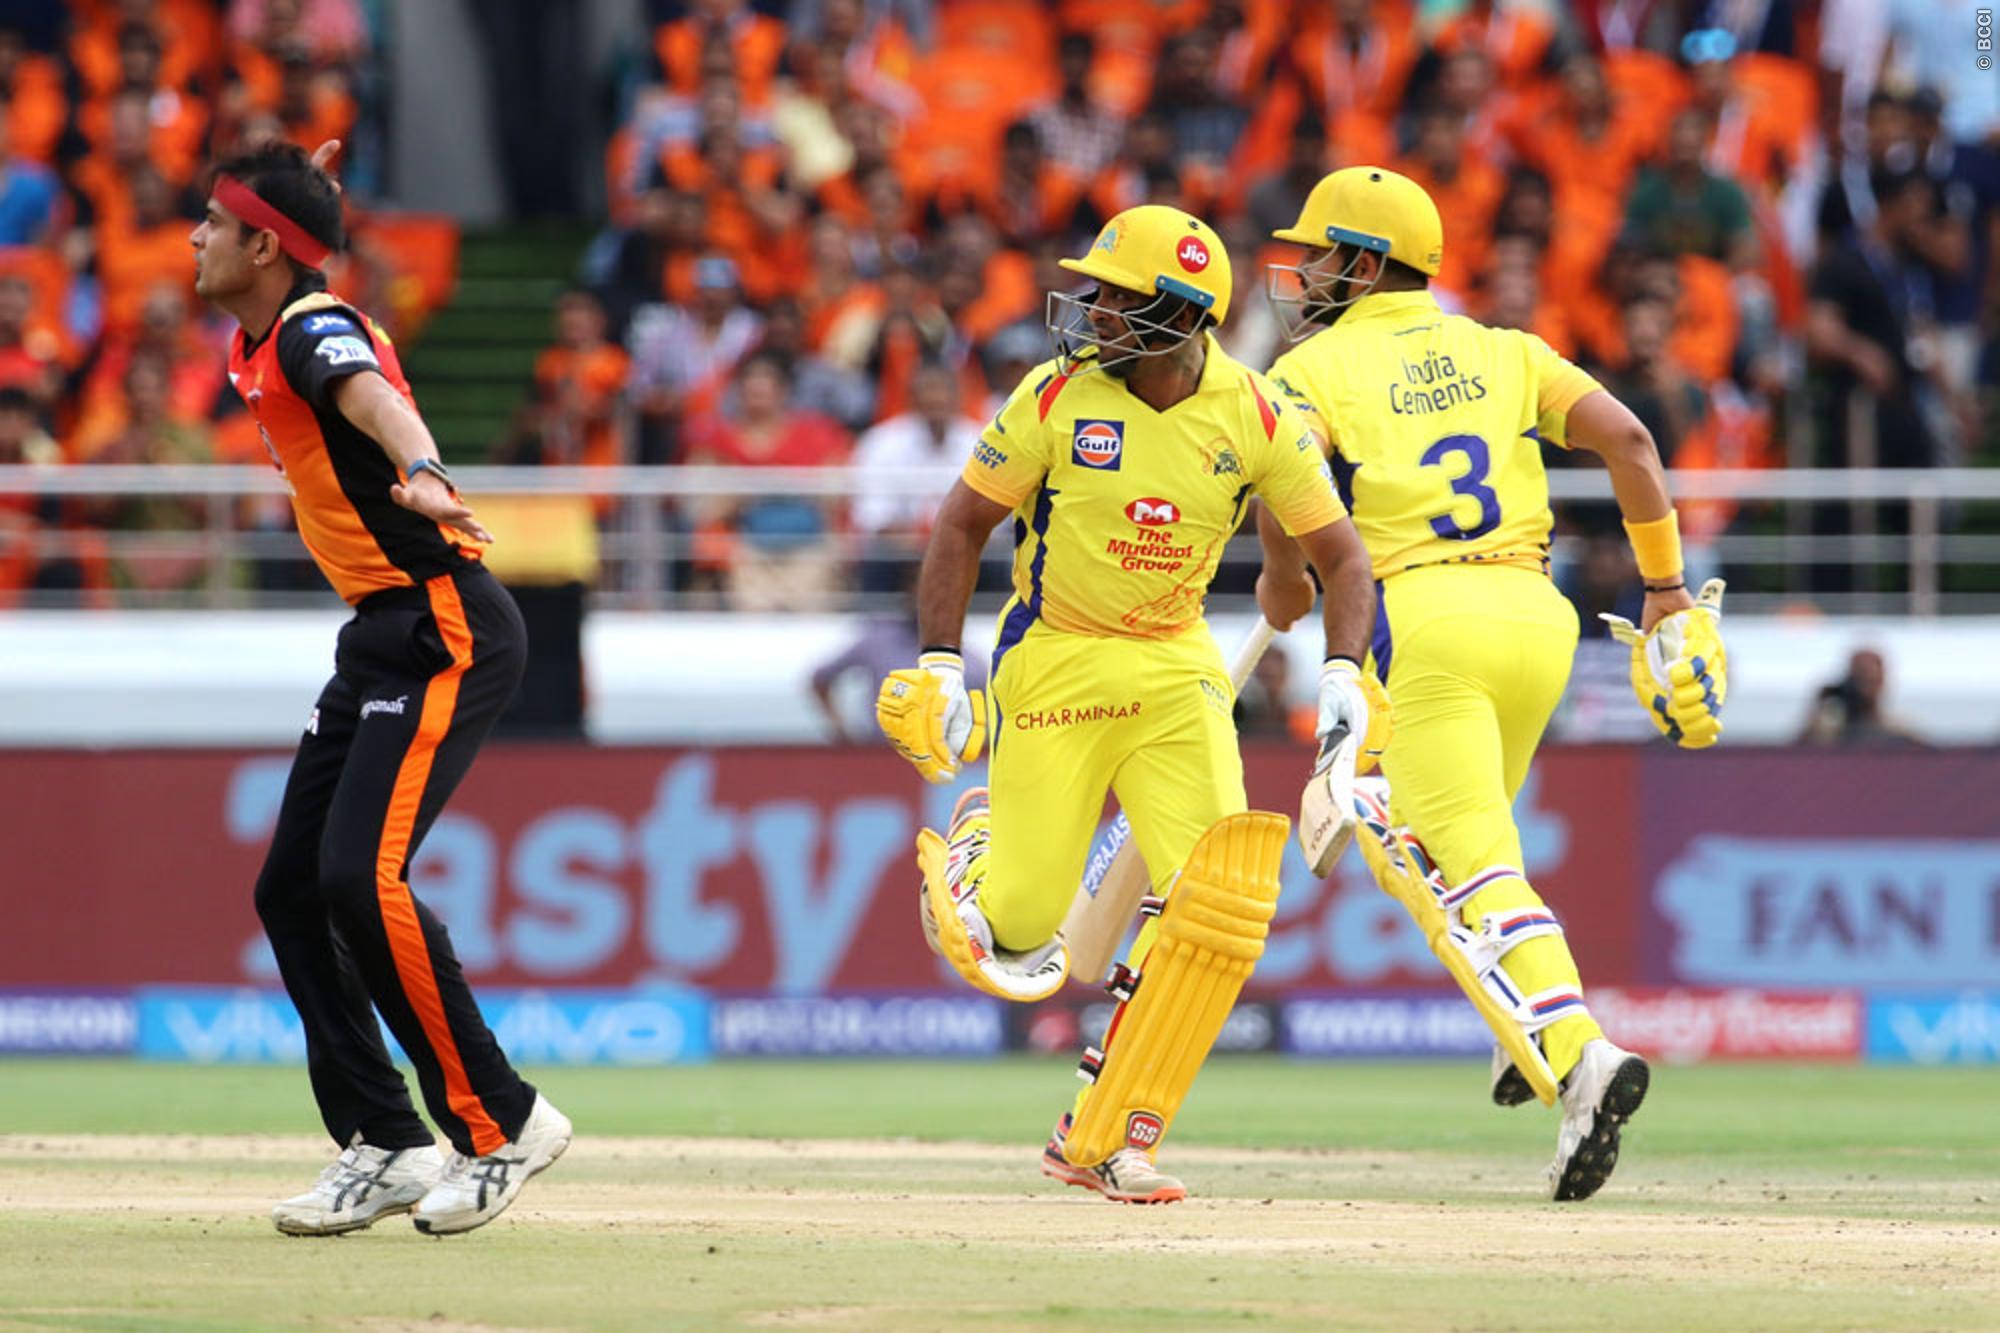 STATS: हैदराबाद और चेन्नई के बिच मैच में बने कुल 6 ऐतिहासिक रिकॉर्ड, लेकिन रैना ने कोहली को छोड़ा पीछे 3